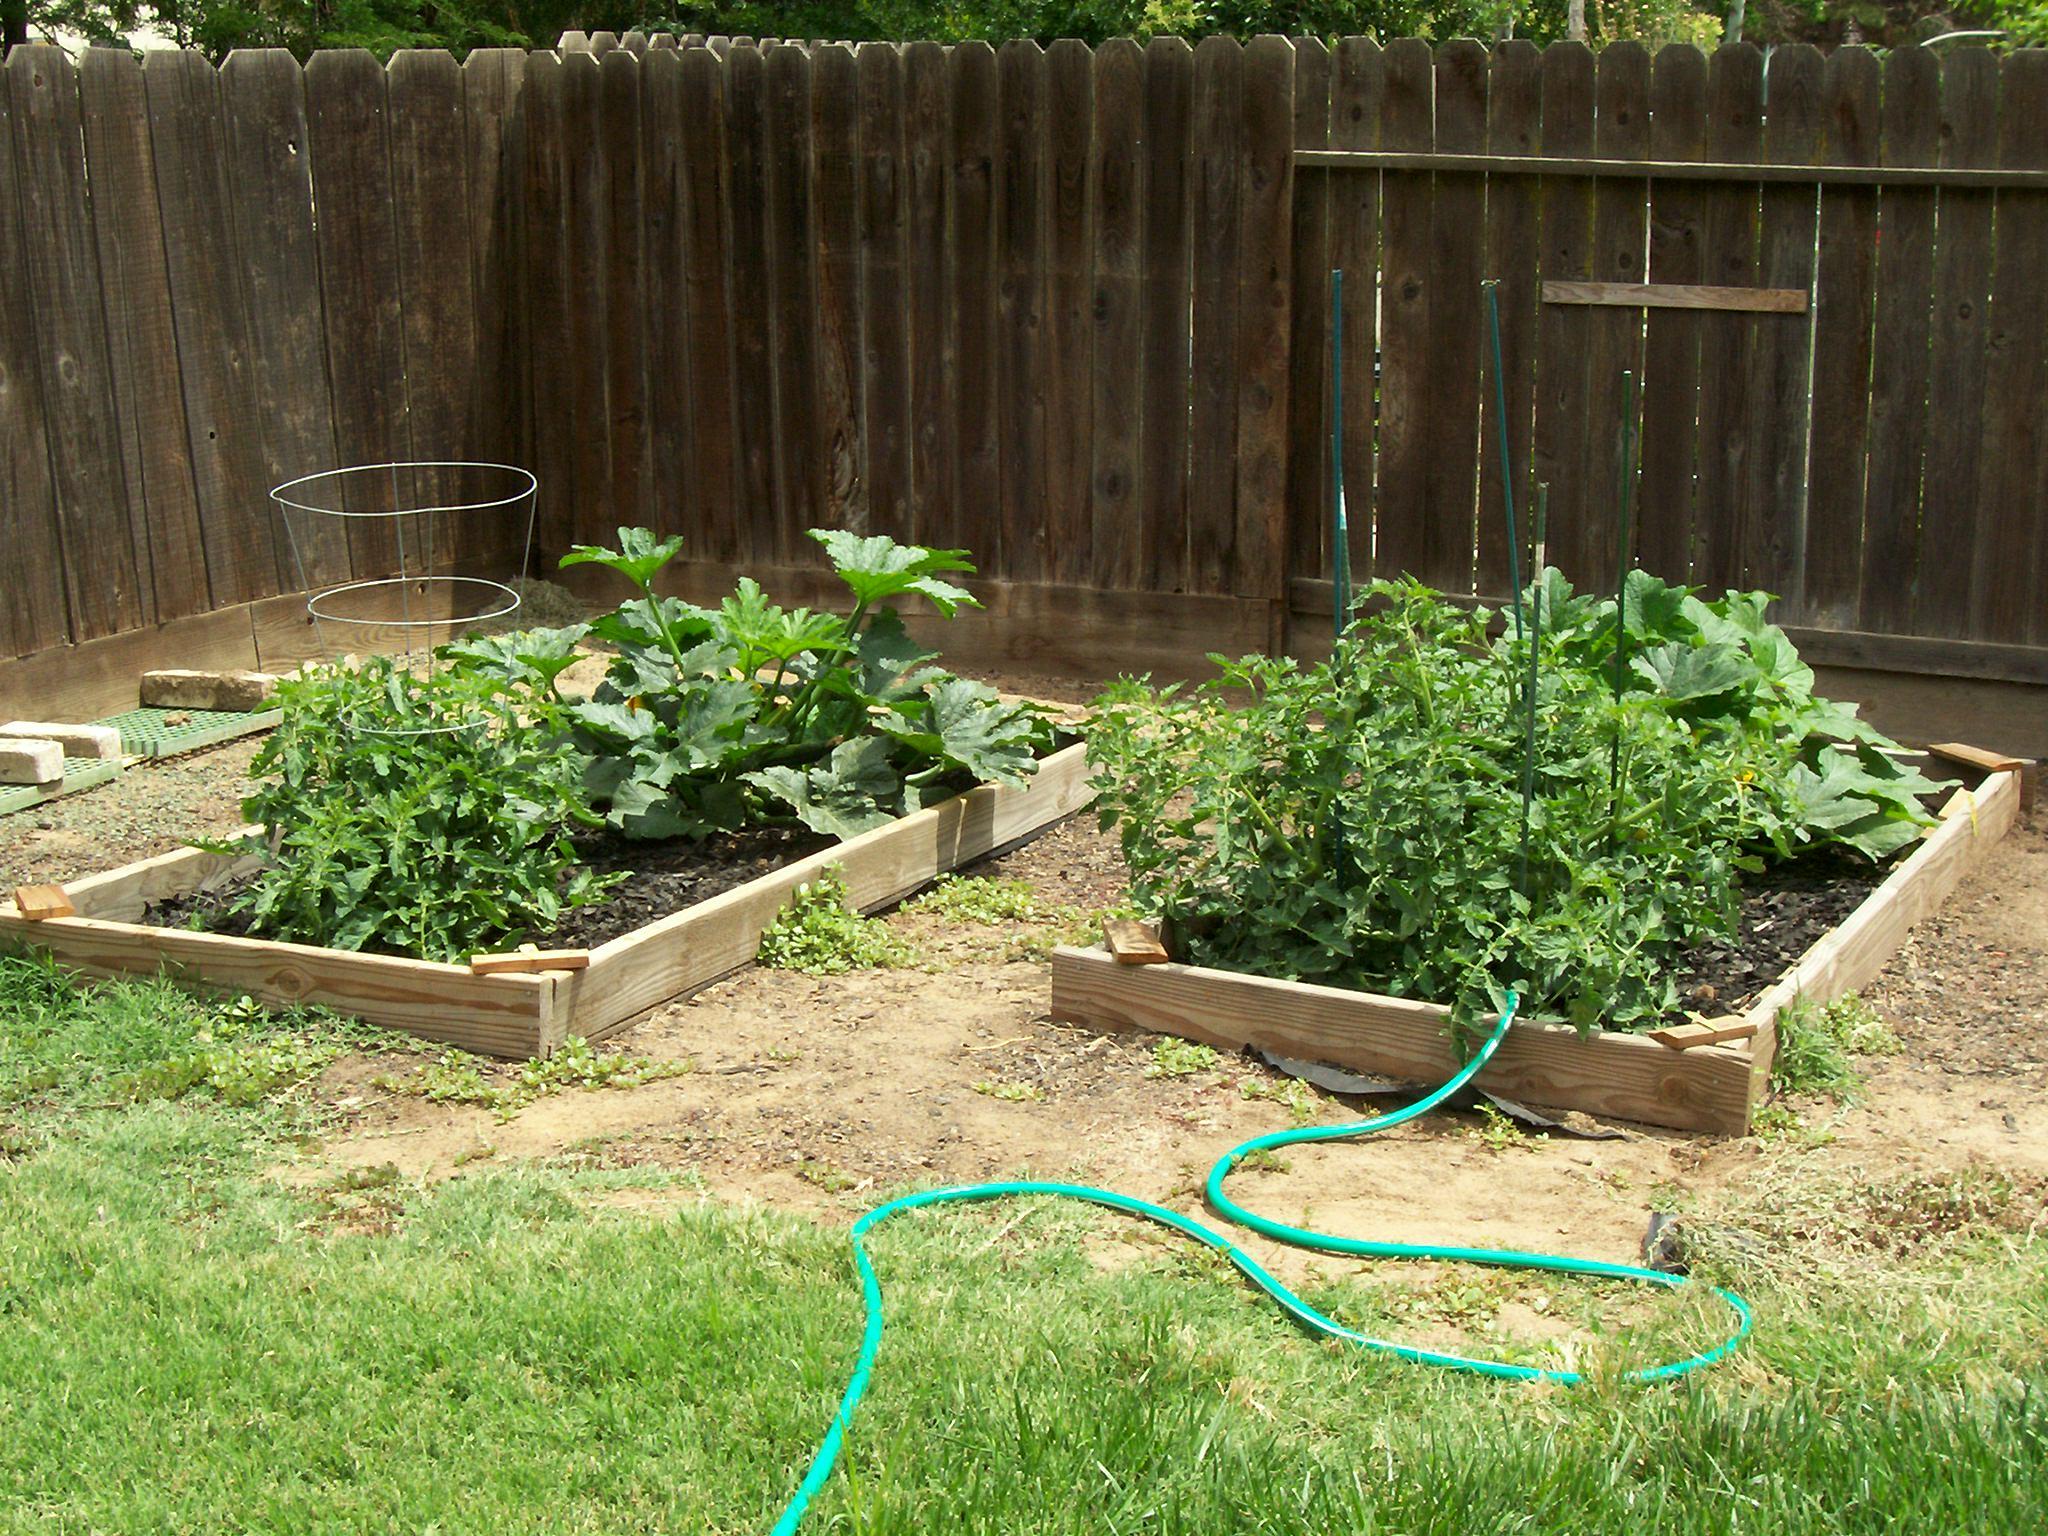 My Secret Garden: Gardening Open Thread